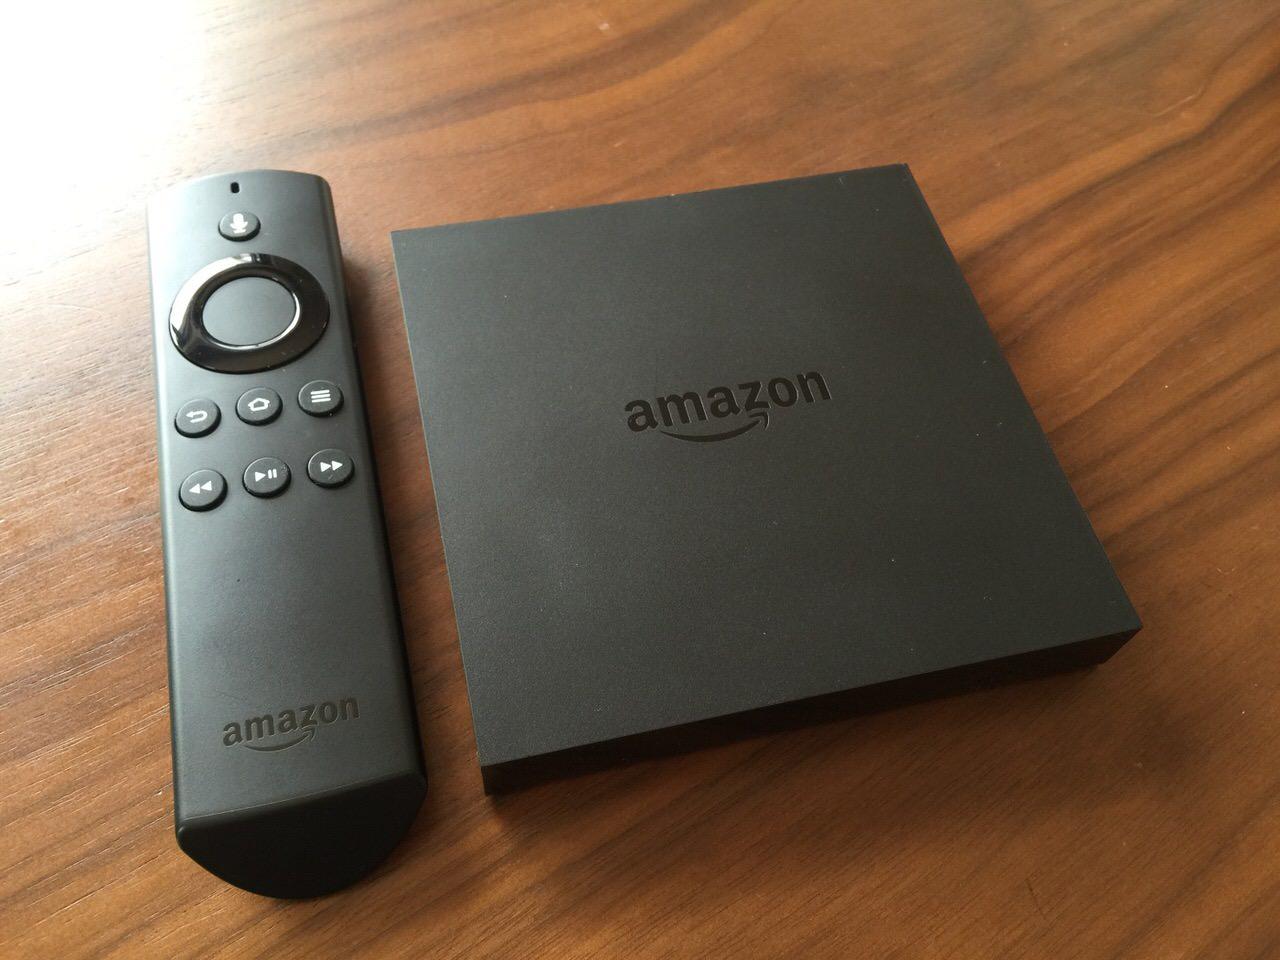 プライム会員ならお得な「Amazon Fire TV」を試しました → これで十分と思ったのですが‥‥